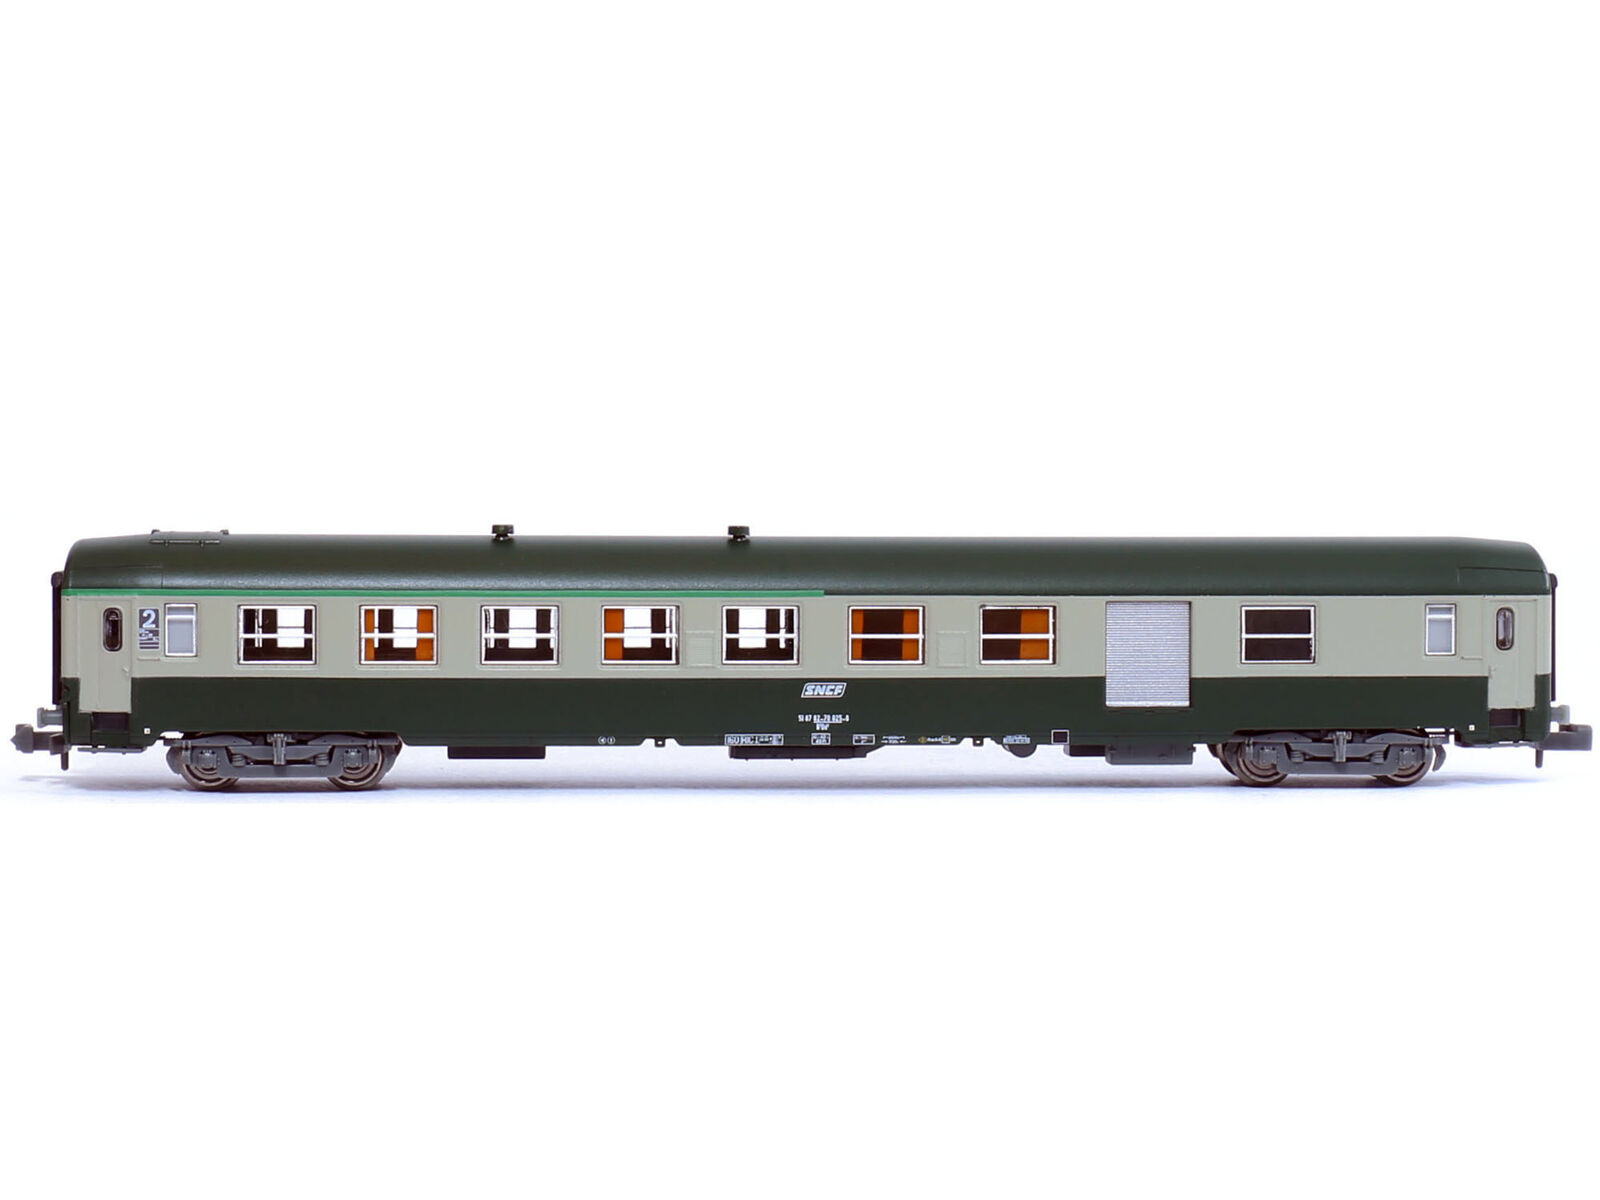 REE NW-149 - Personenwagen Schnellzugwagen UIC Corail Logo Epoche V - Spur N